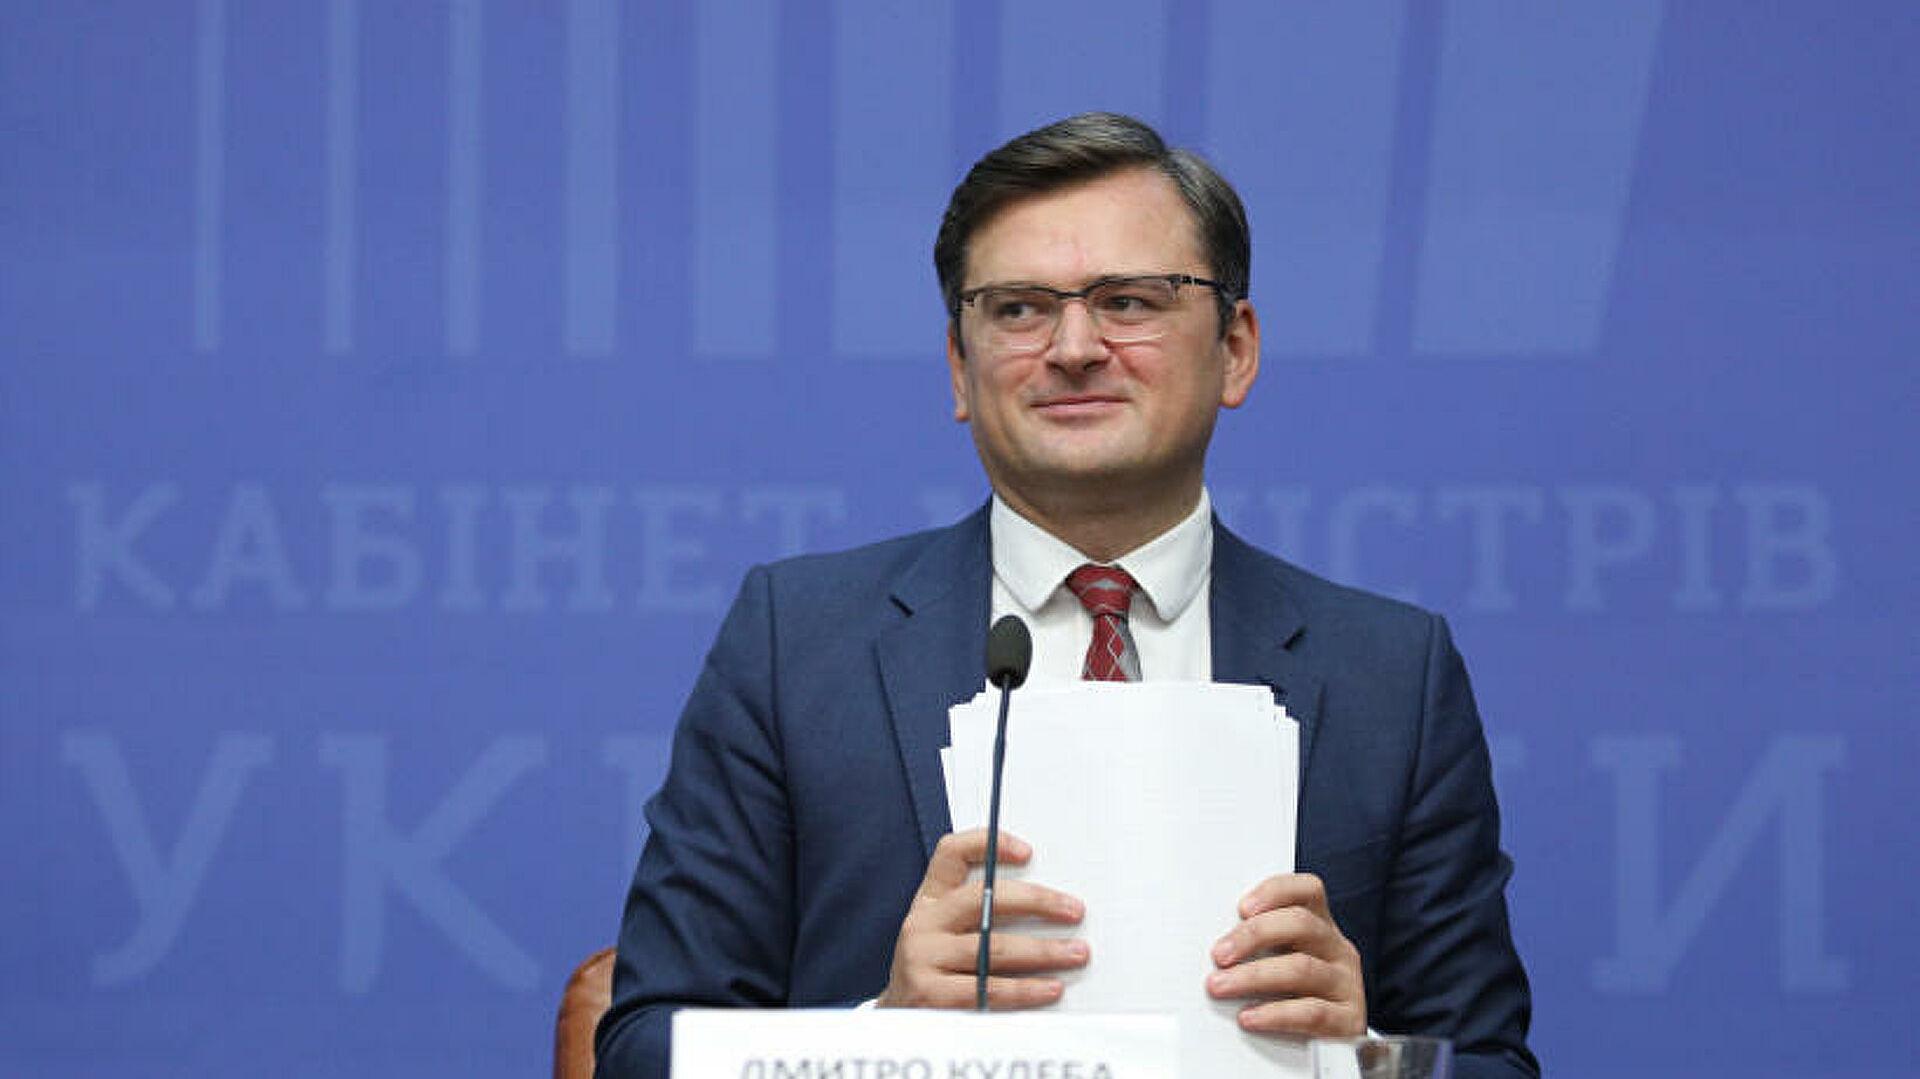 Кијев: Потребне су нам мере које би обуздале Русију, нове санкције које ће повећати цену руске агресије